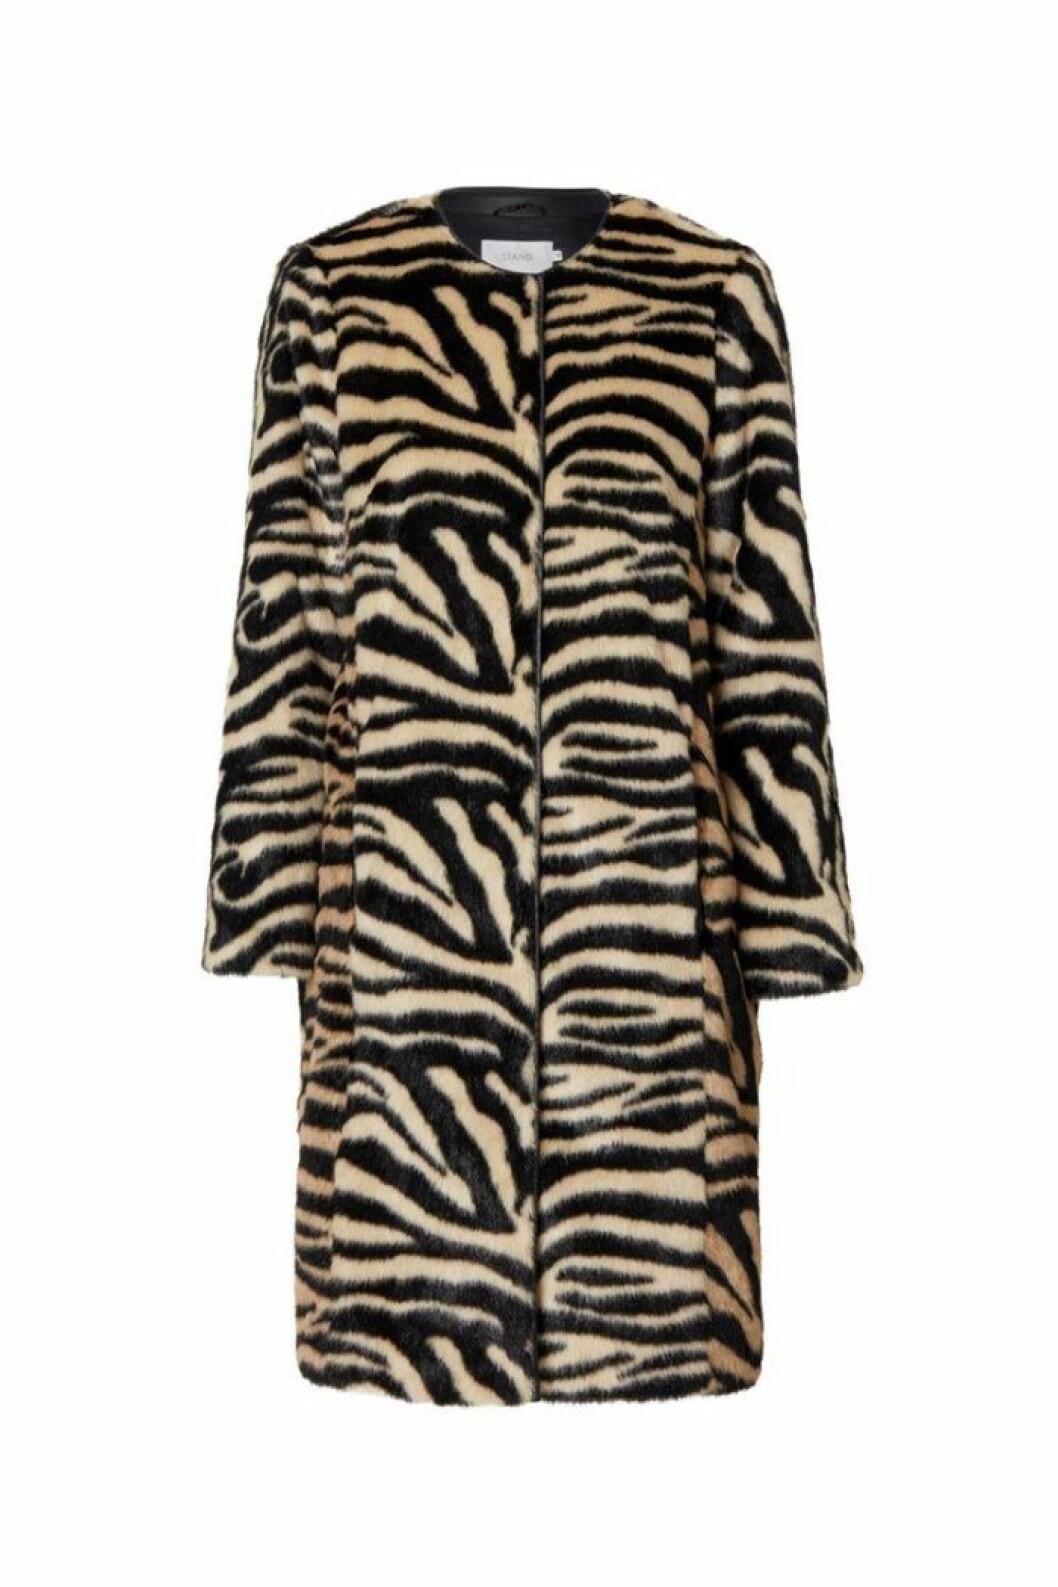 Kappa med zebramönster